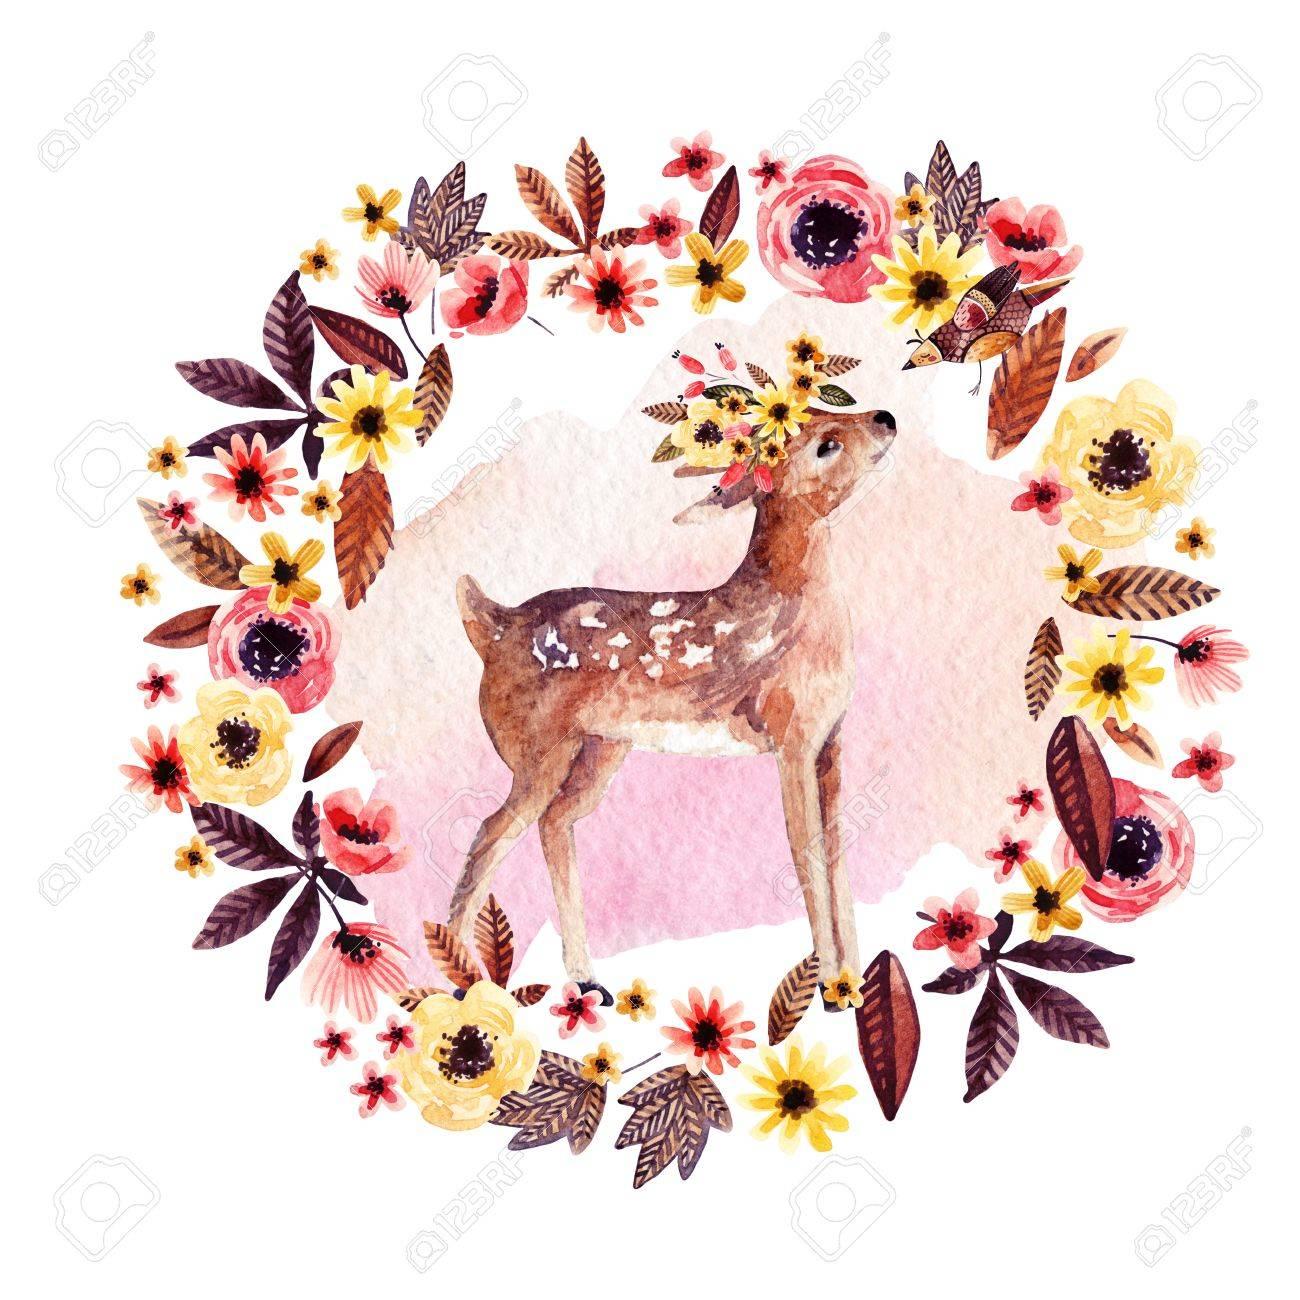 Cerf Aquarelle Faon Parmi Les Fleurs Isolées Sur Fond Blanc Mignon Bébé Dessin Dans Le Style De Dessin Animé Illustration Peinte à La Main Pour